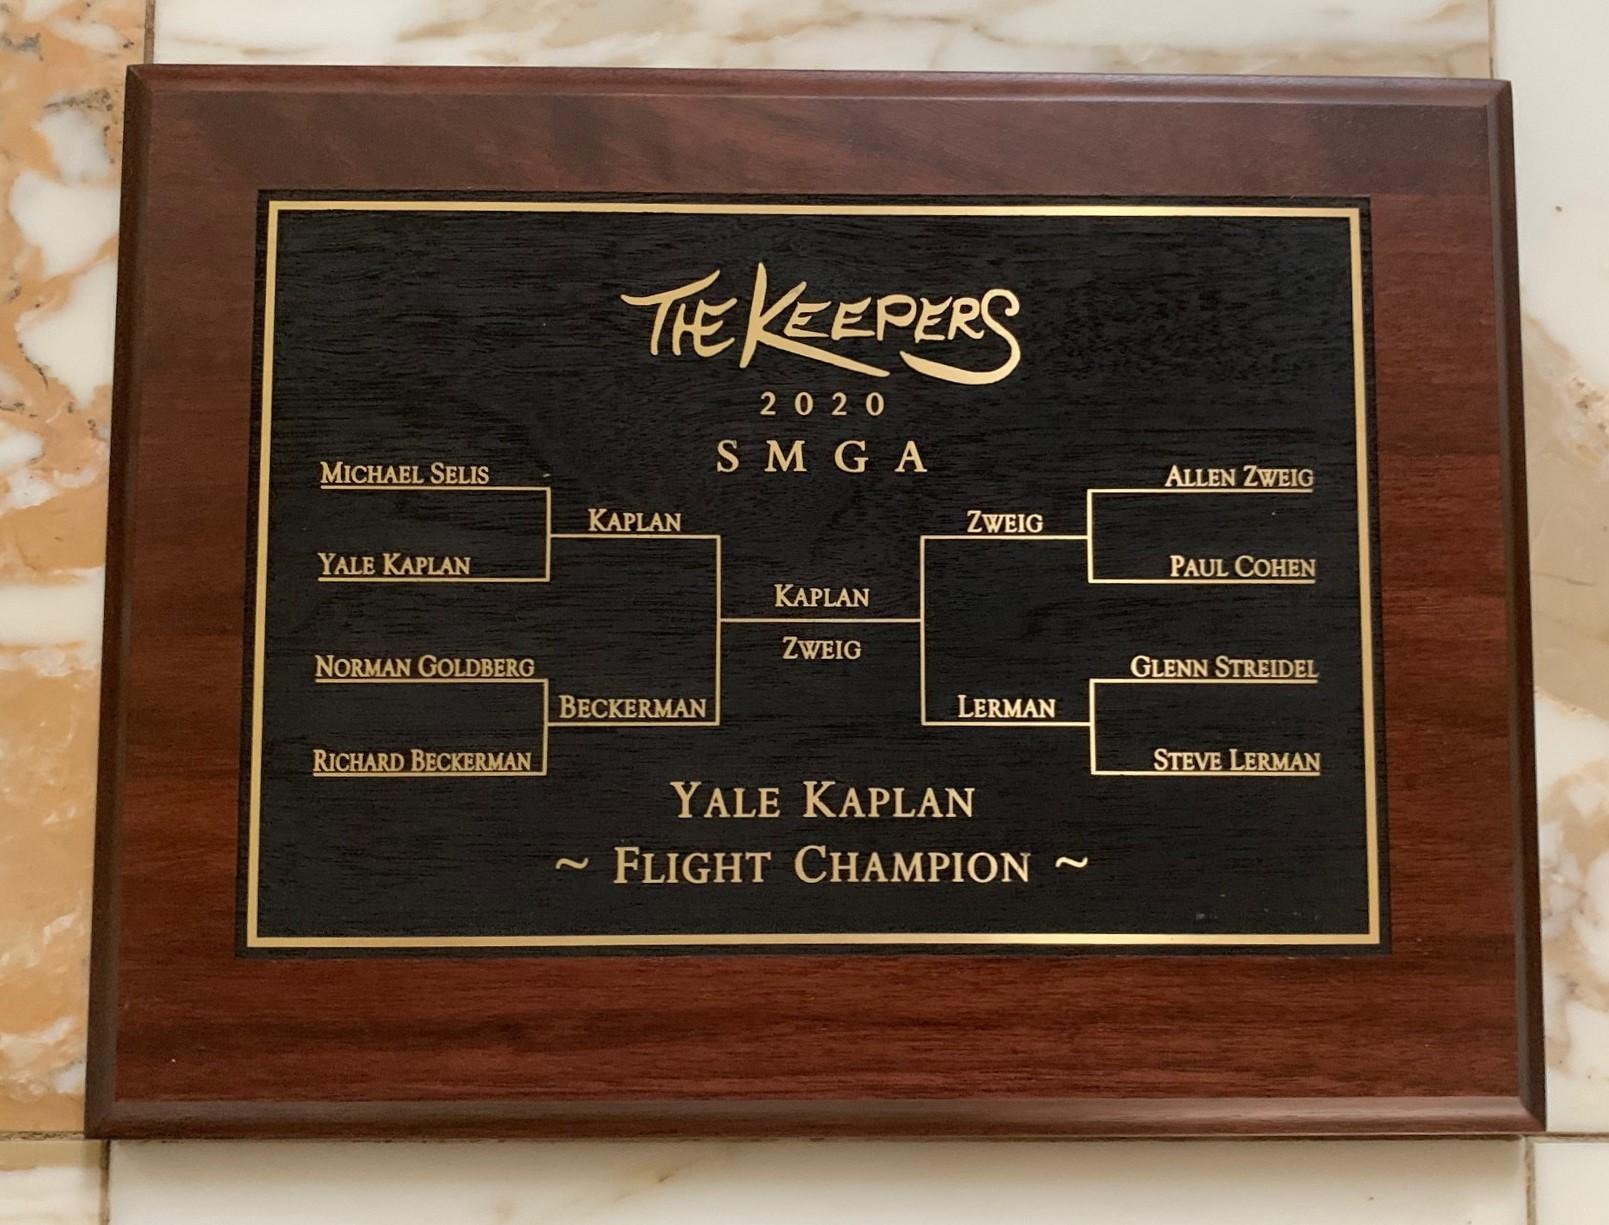 SMGA Yale Kaplan 2020